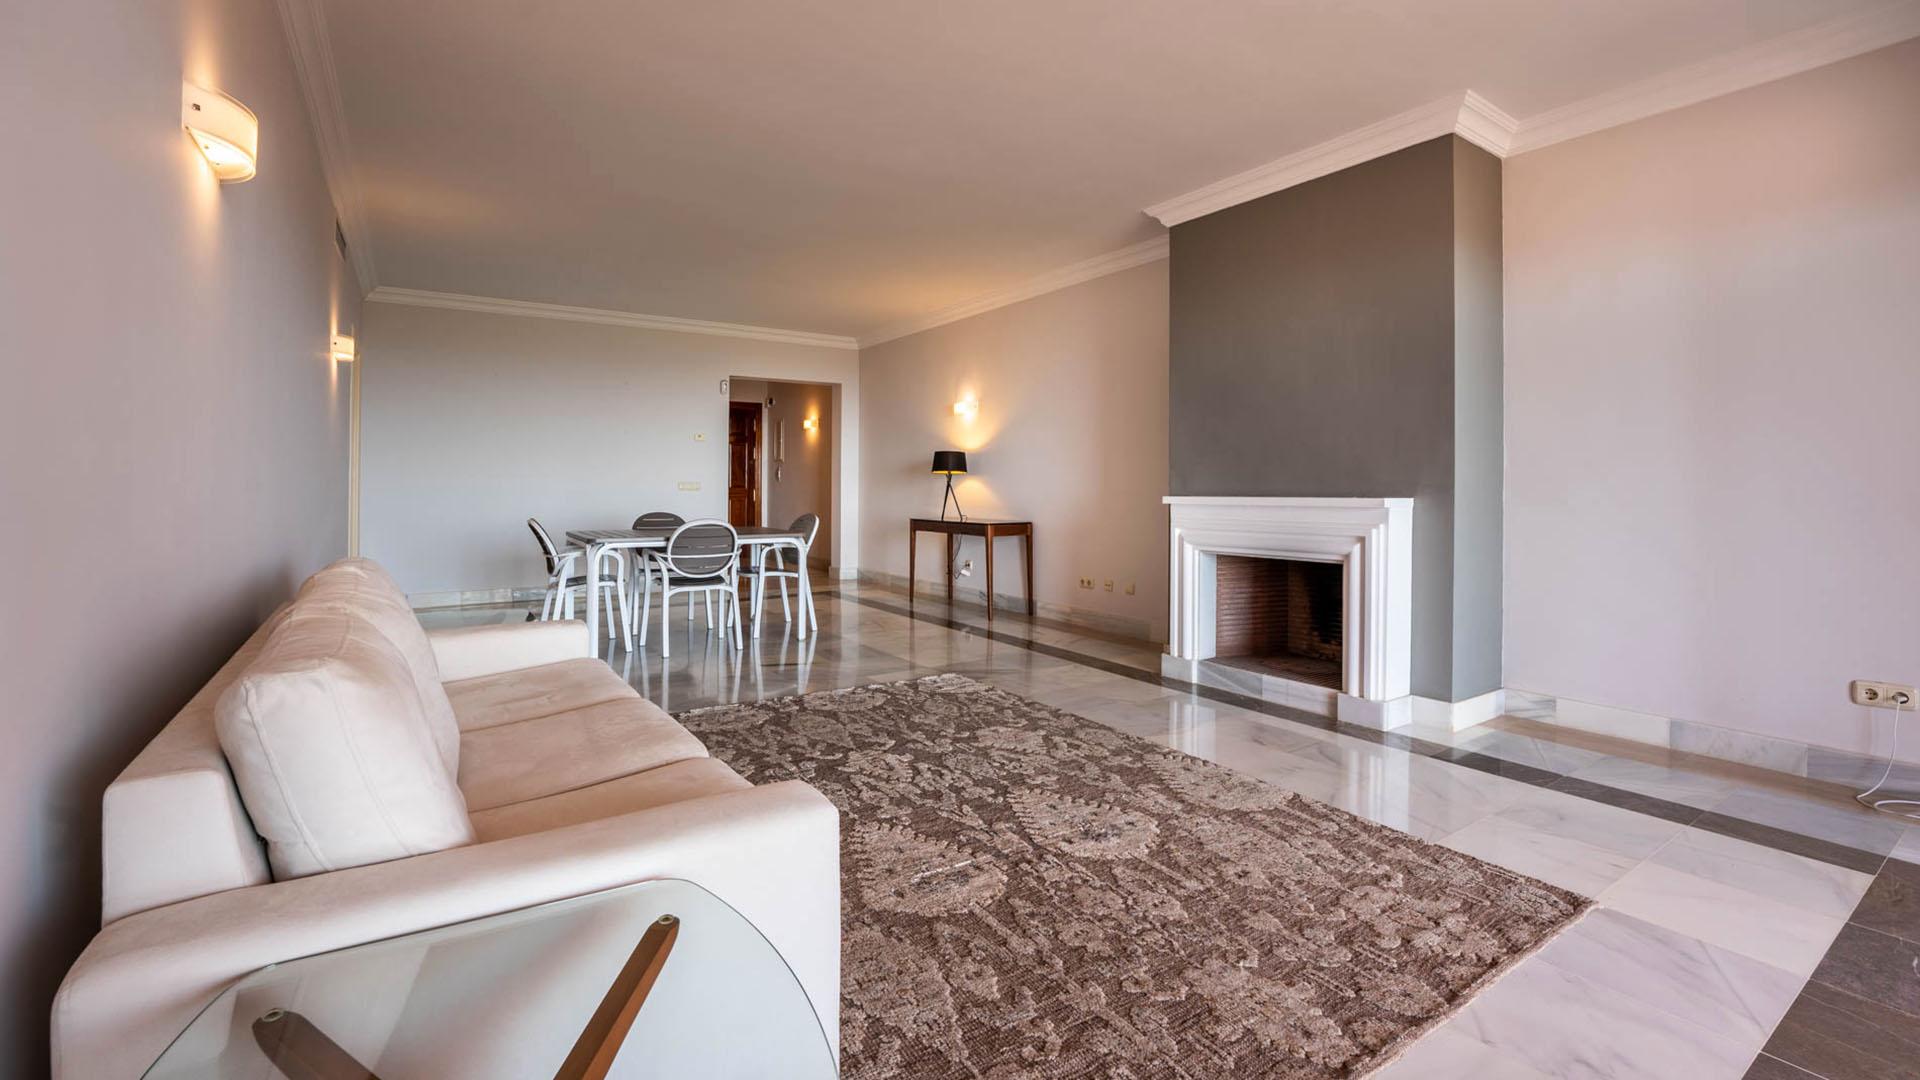 Torre Halcones 4d: Appartement in Benahavís met indrukwekkend zeezicht